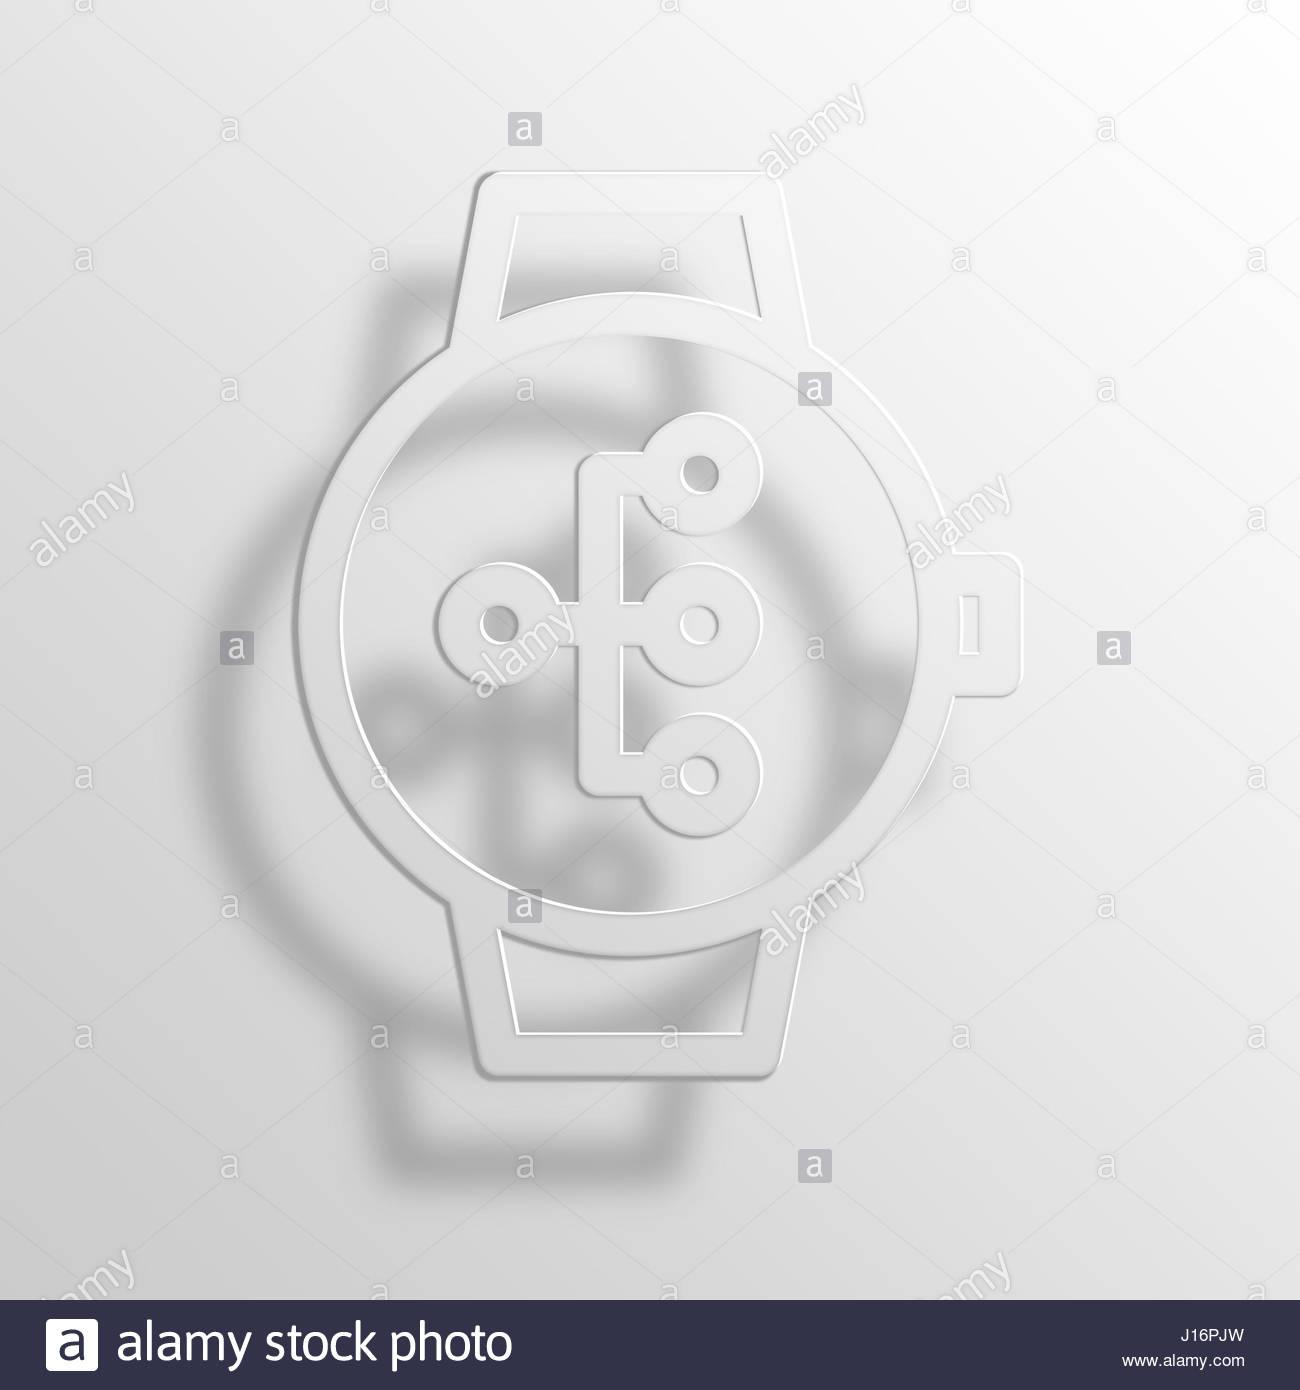 Smartwatch flow chart 3d paper icon symbol business concept no smartwatch flow chart 3d paper icon symbol business concept no6909 nvjuhfo Choice Image